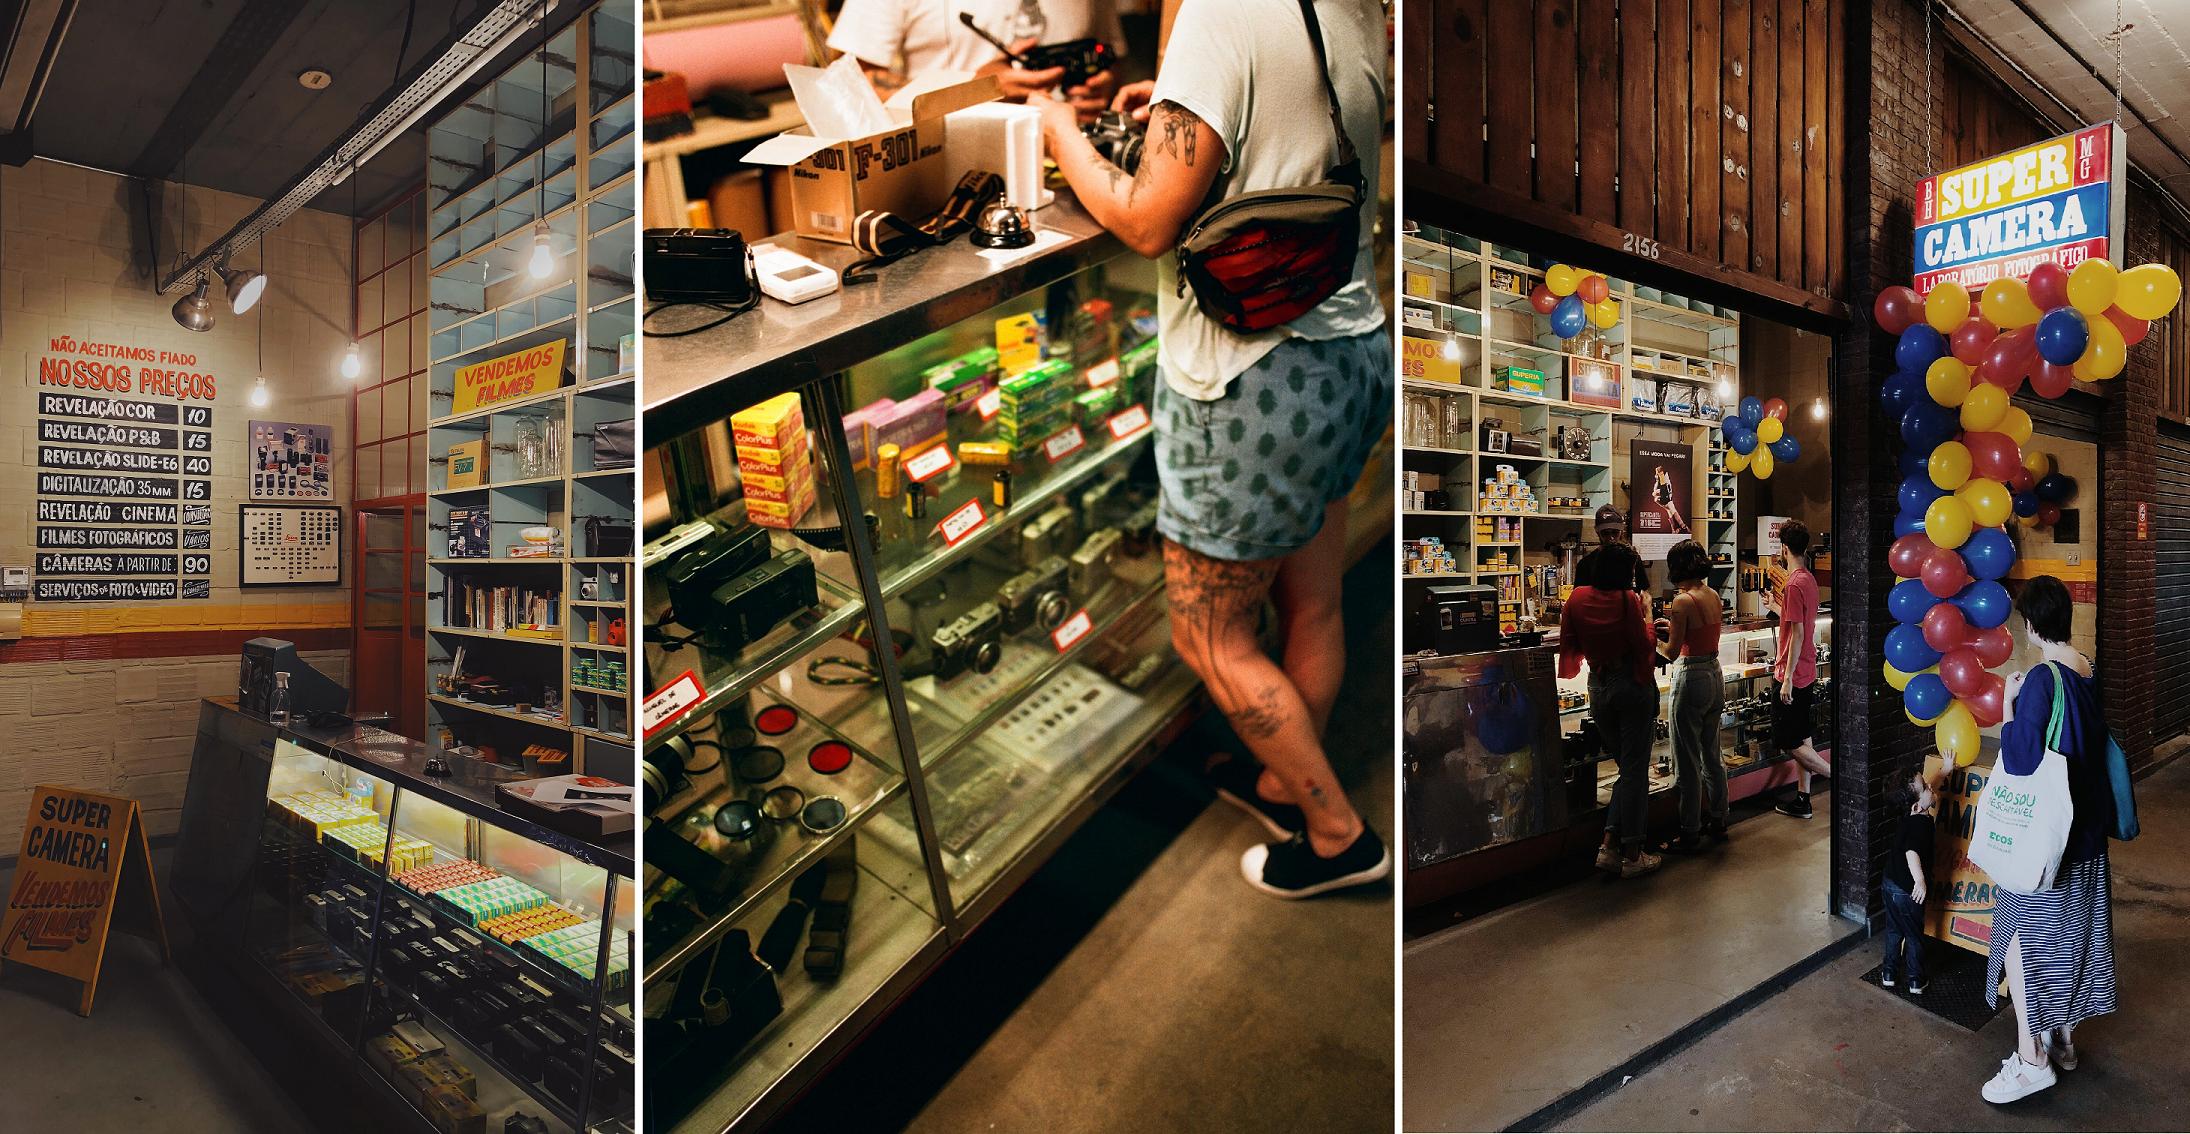 O ambiente da loja da Super Camera no Velho Mercado Novo é um sonho pra qualquer apaixonado por fotografia analógica